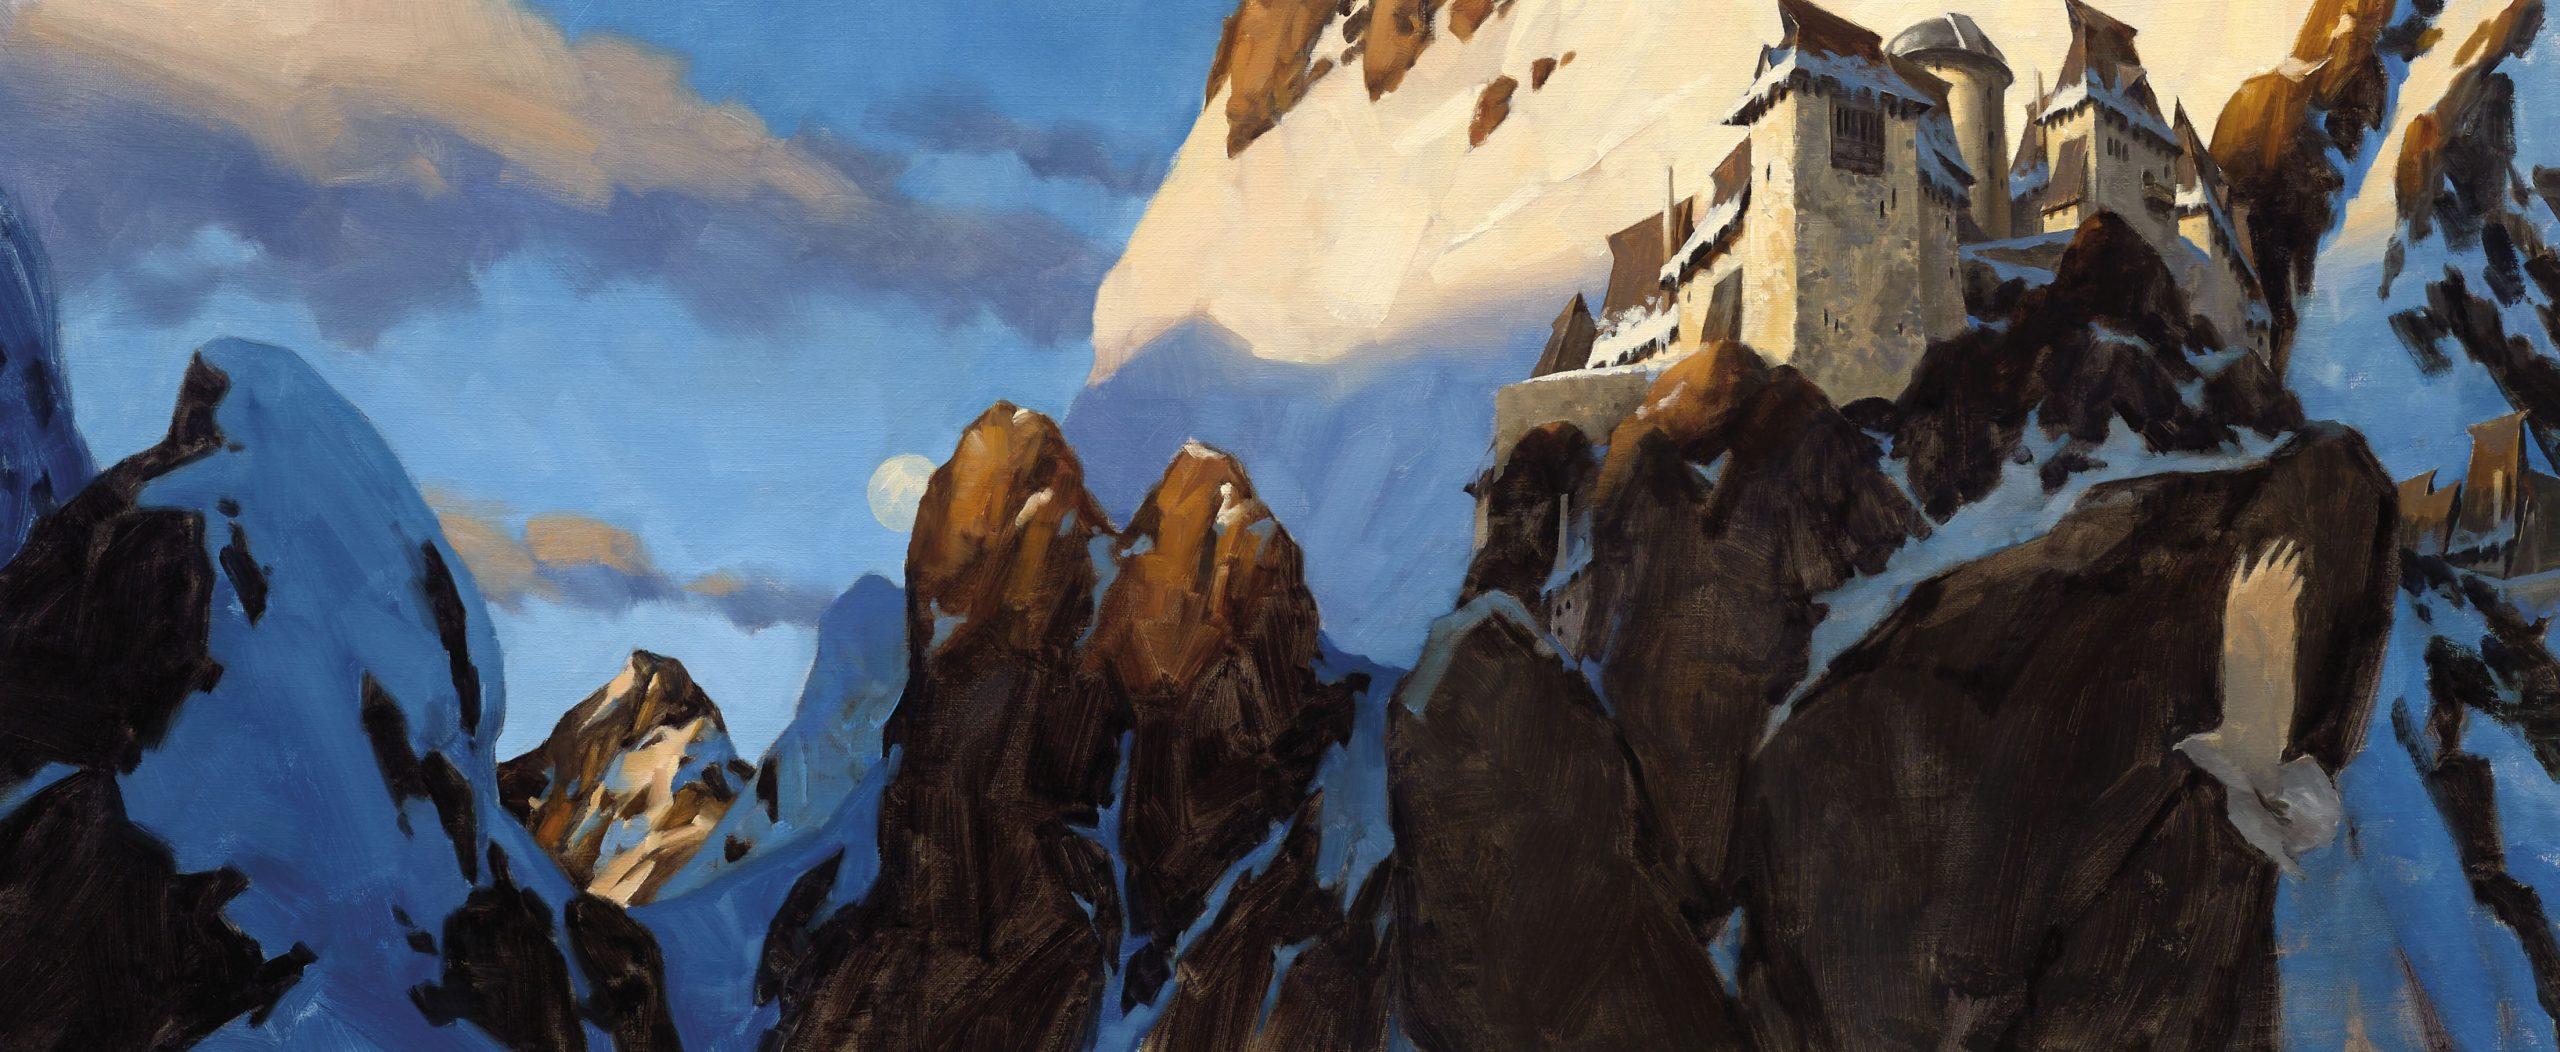 «Дневник Уэса»: отрывок изиллюстрированного романа «В ледяном плену» Грегори Манчесса 17